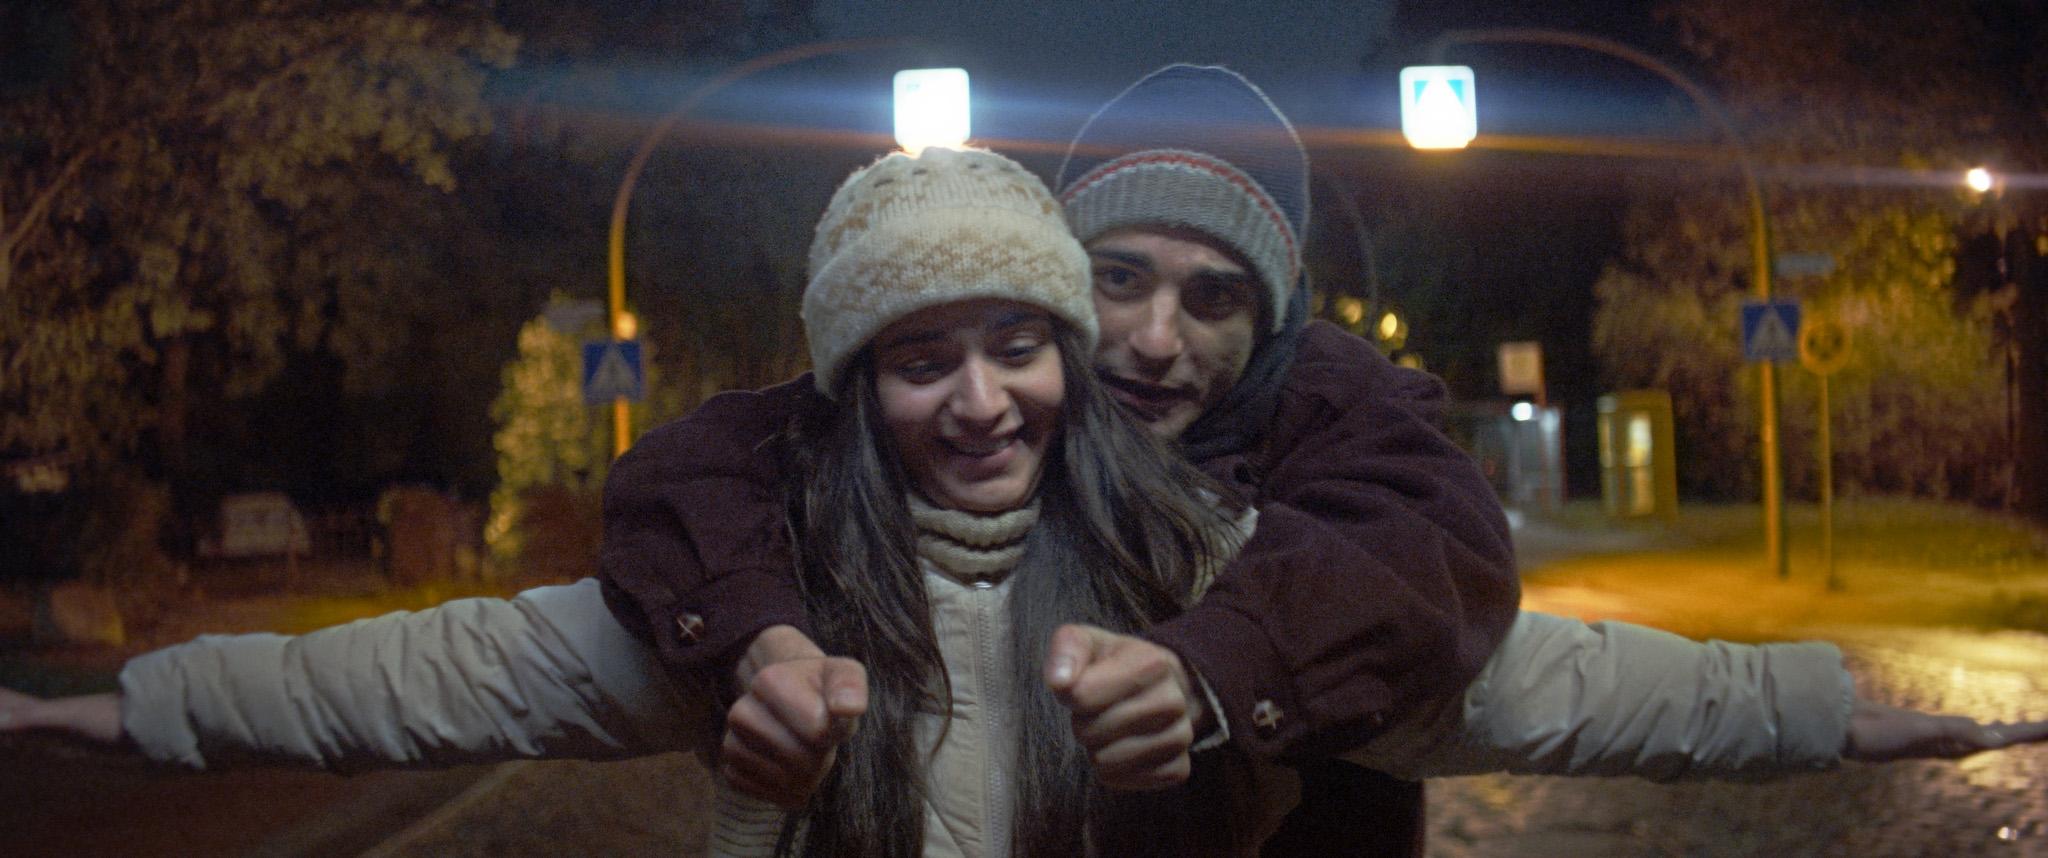 """Canan Kir und Roger Azar im hintergründigen, geschickt konstruierten Drama """"Die Welt wird eine andere sein"""", eins unserer Highlights der Berlinale. Foto: Christopher Aoun/Razor Film 2021"""